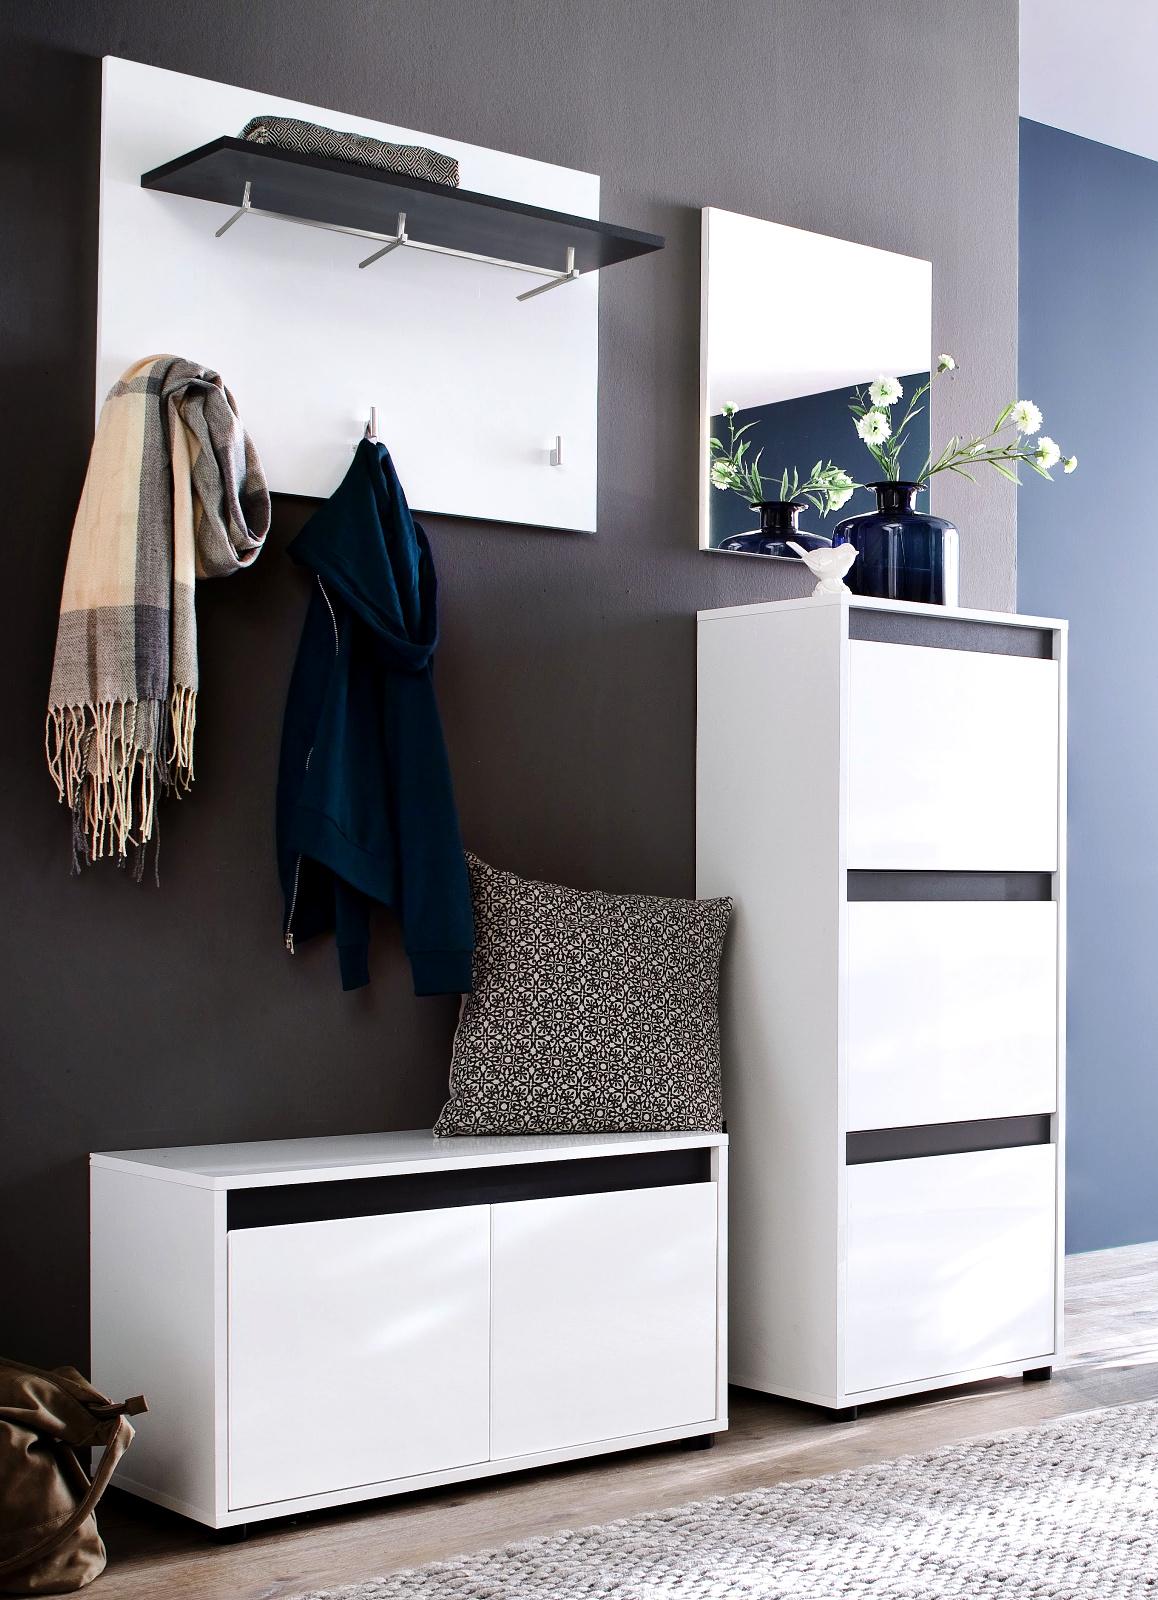 Flur garderobe paneel sol lack hochglanz wei und grau for Flur garderoben paneele